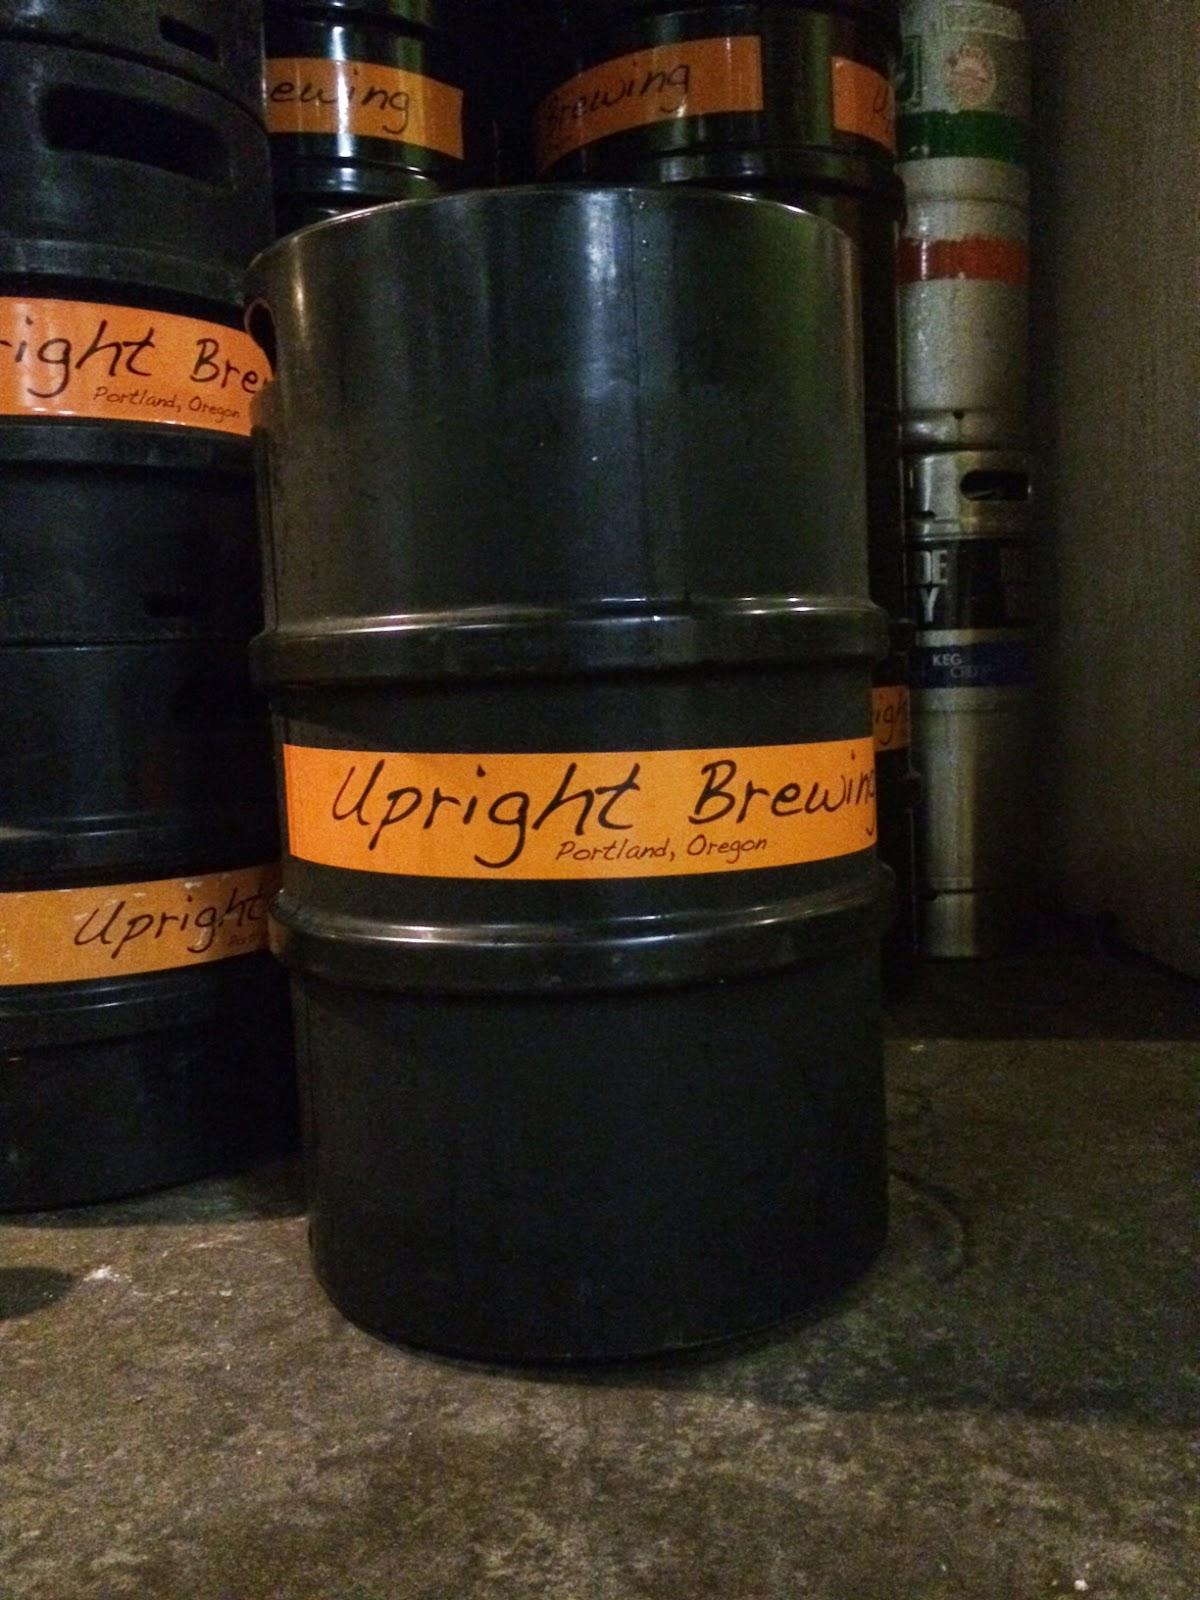 オレゴン ポートランド ビール アップライト